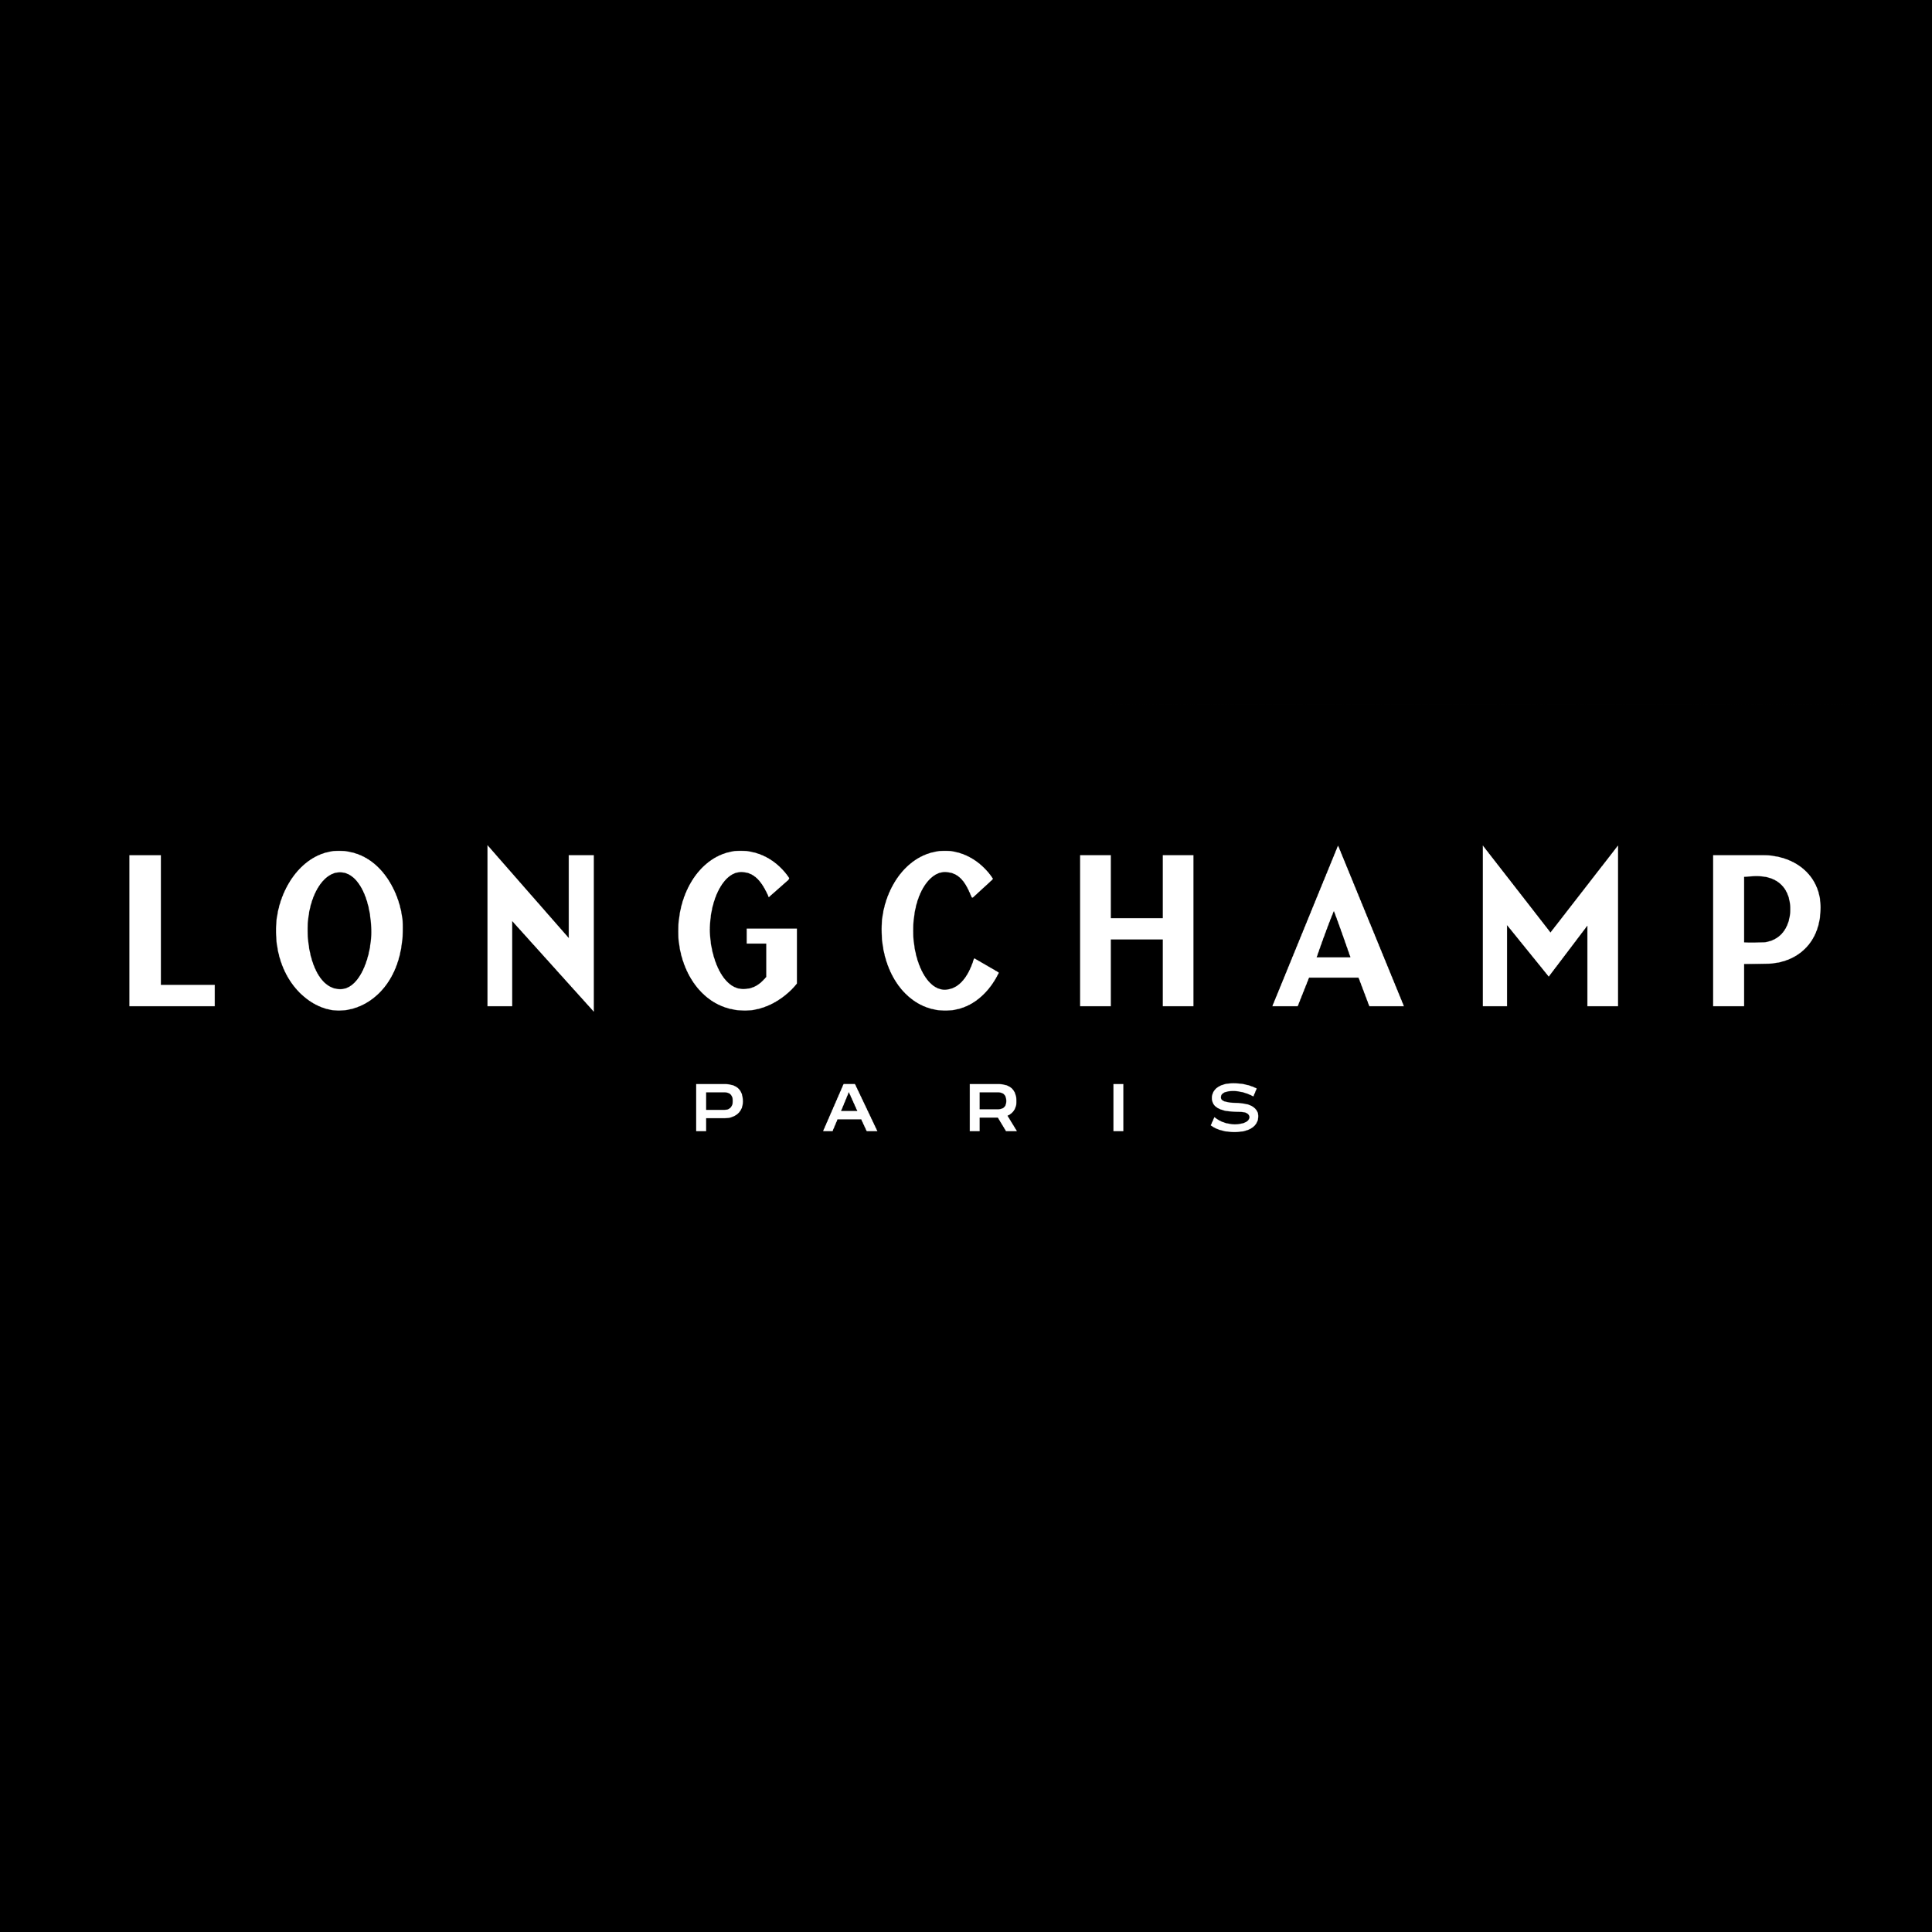 Longchamp | ADC | L'Agence De Contenu